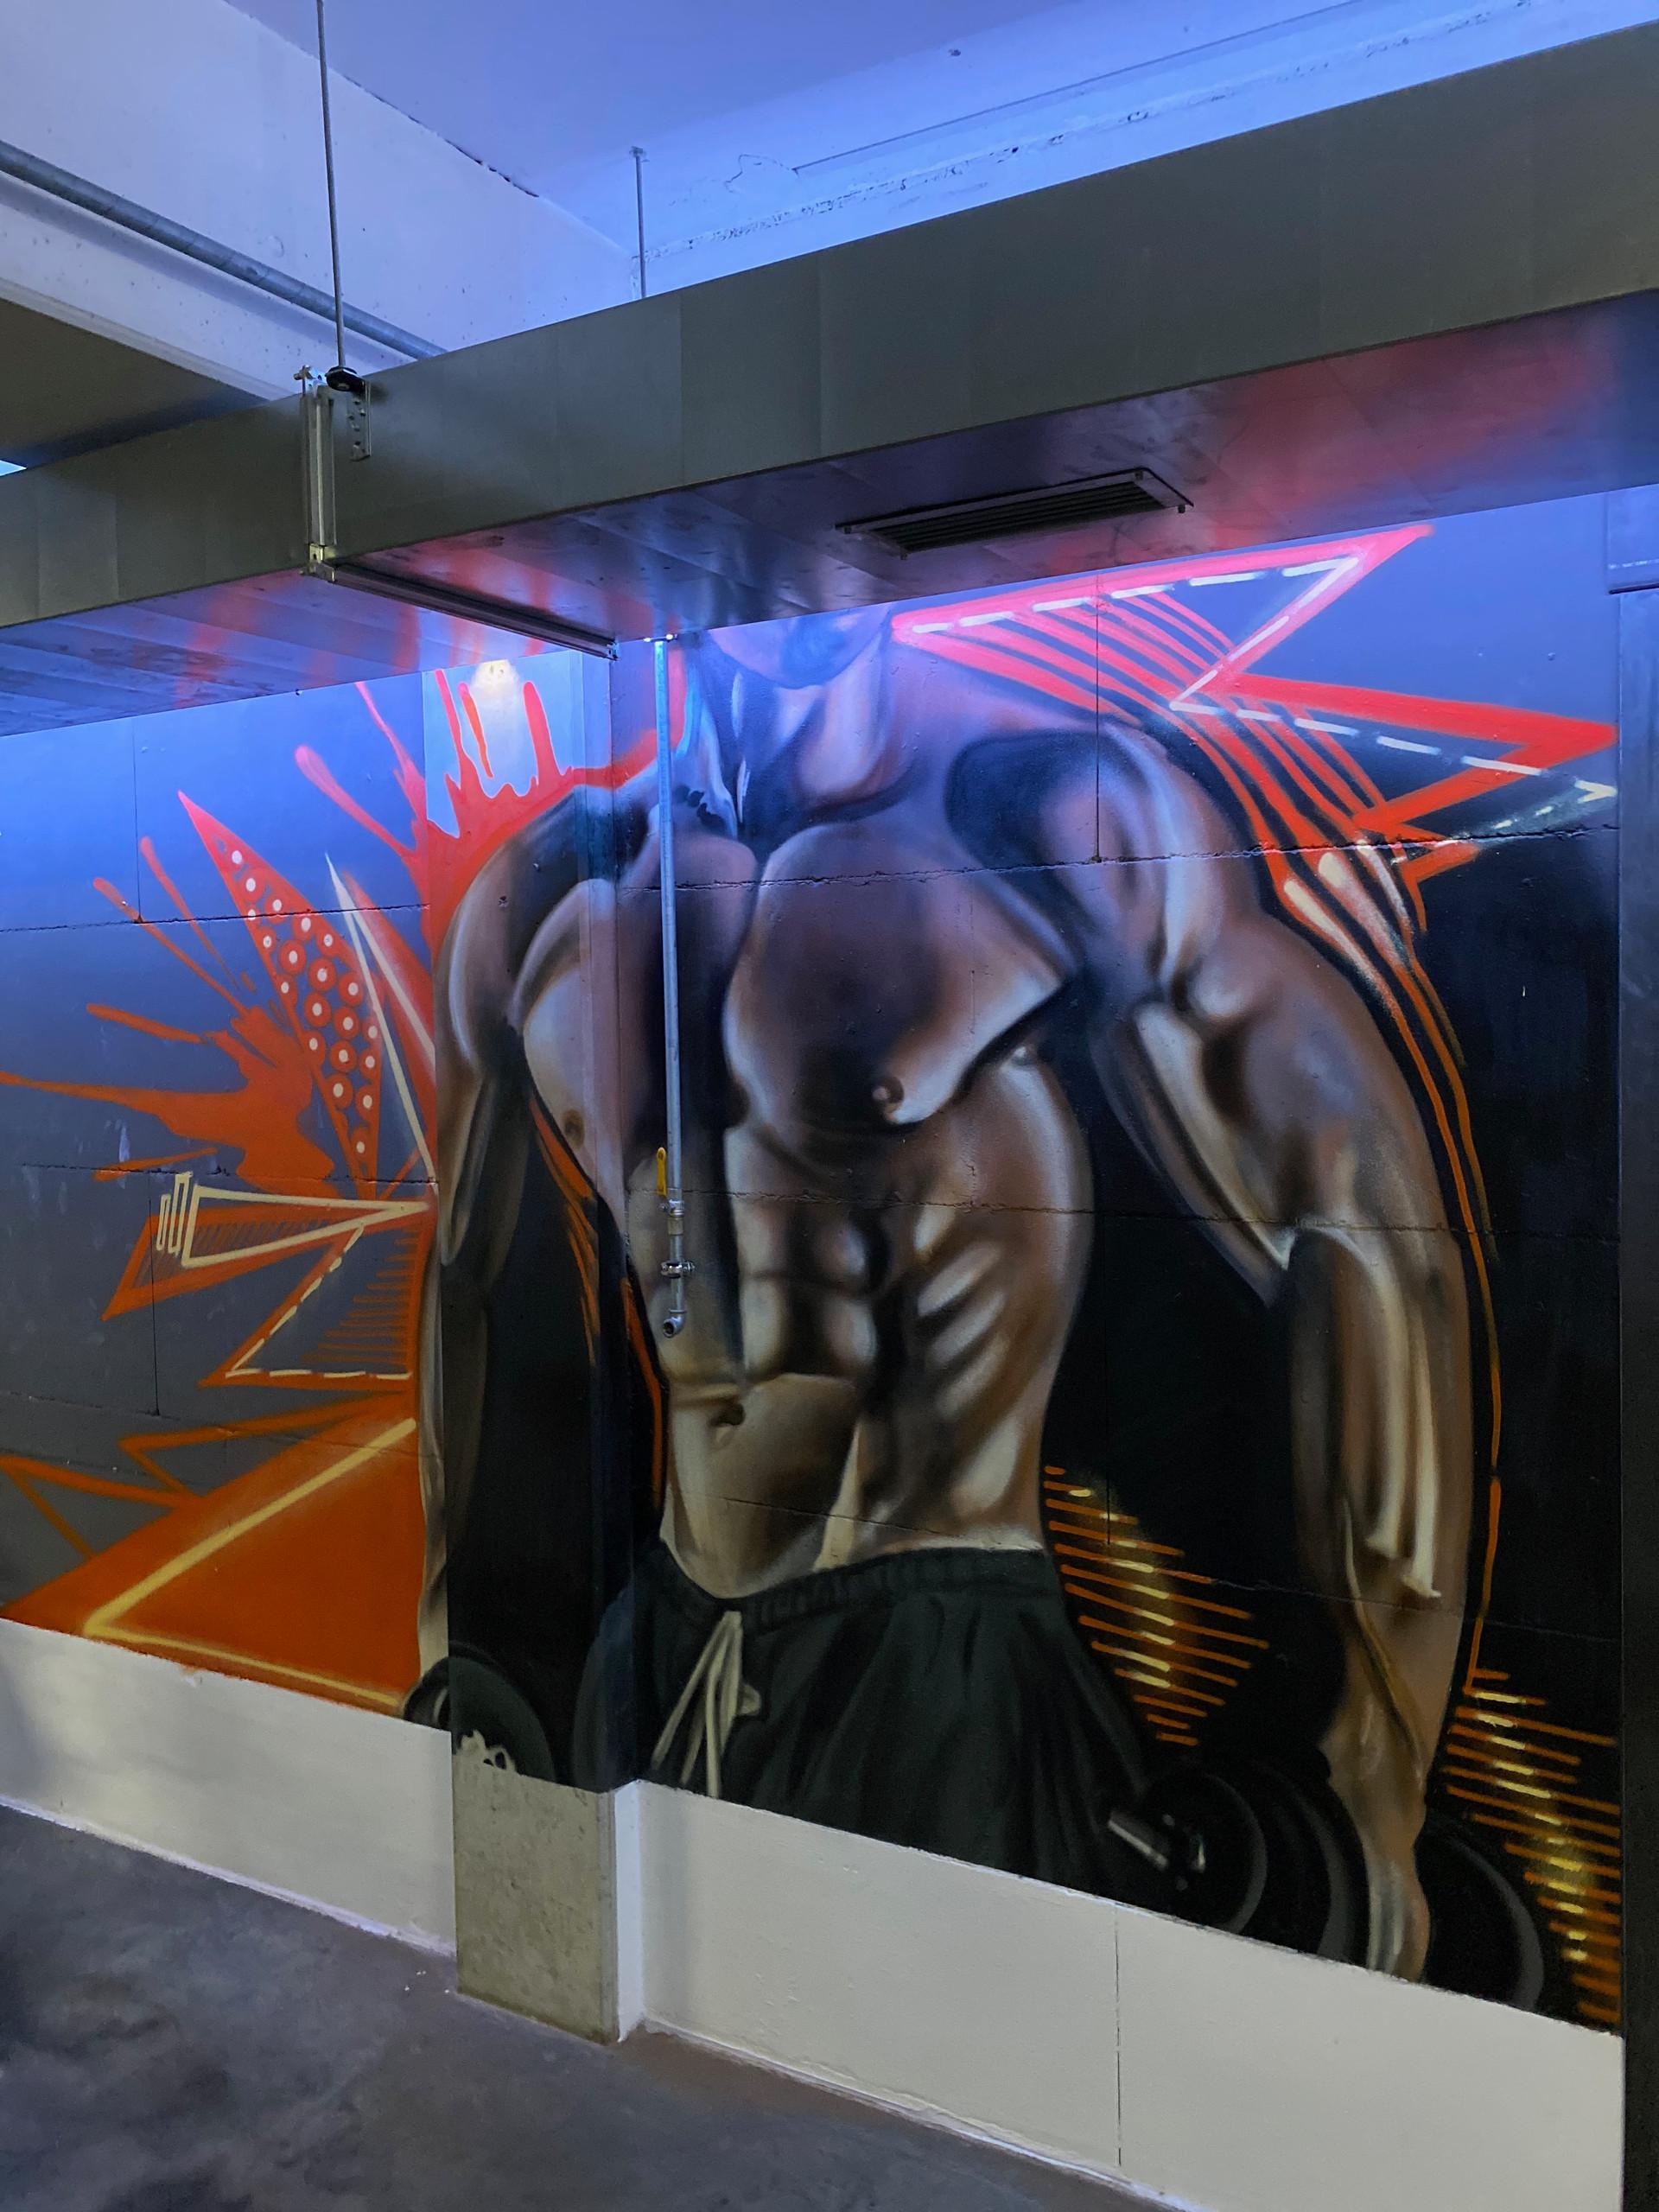 Fitnessstudio Graffiti